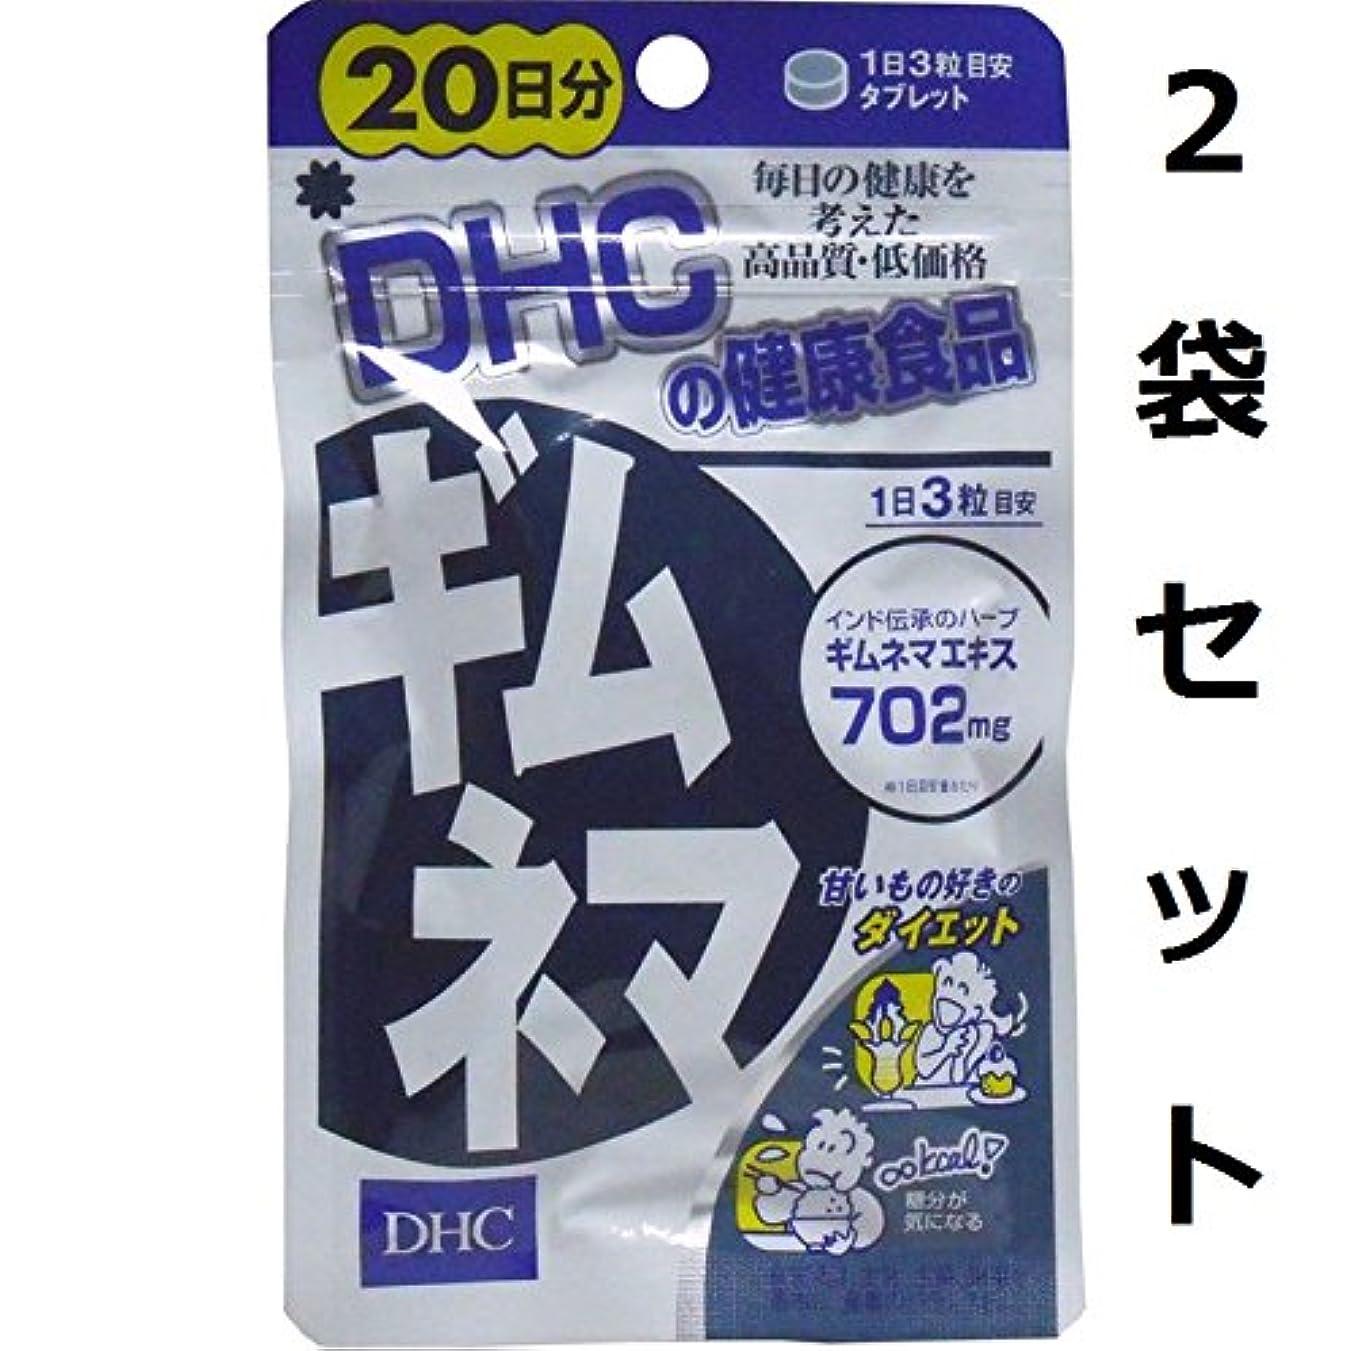 関係ウォーターフロント欲求不満我慢せずに余分な糖分をブロック DHC ギムネマ 20日分 60粒 2袋セット